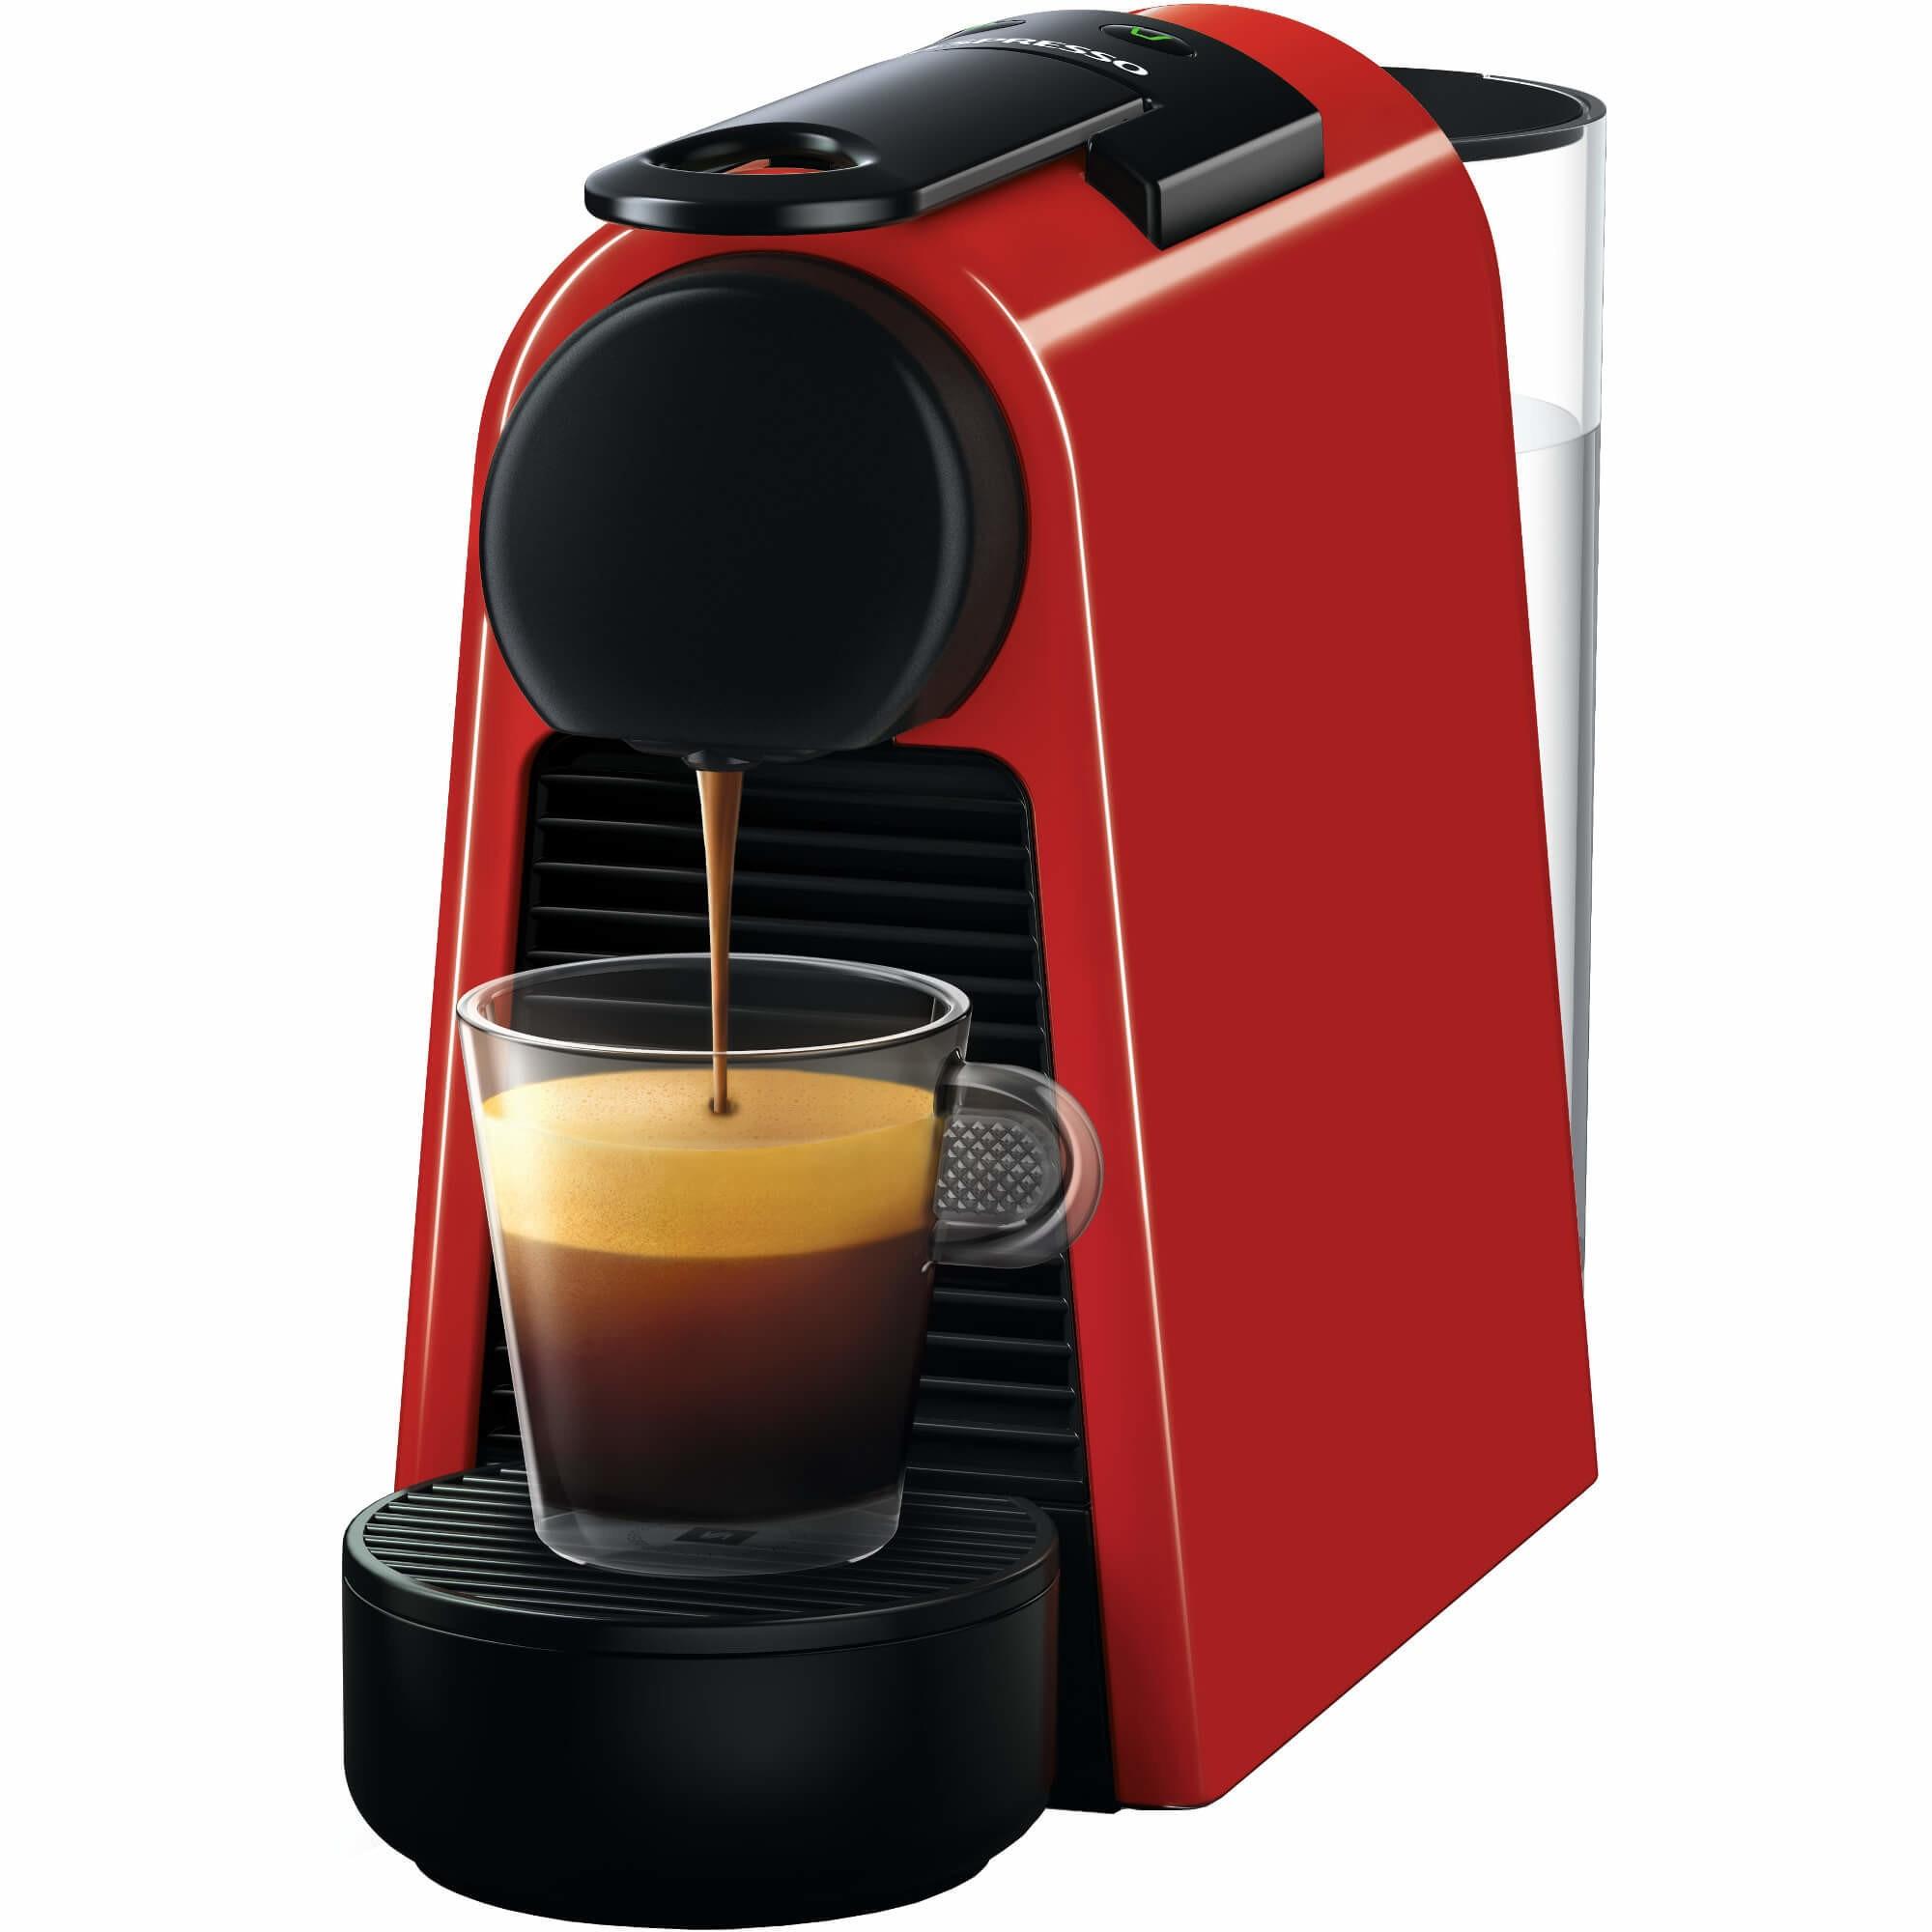 Keresés: kávéföző tchibo kék | Vásárolj online az eMAG.hu n